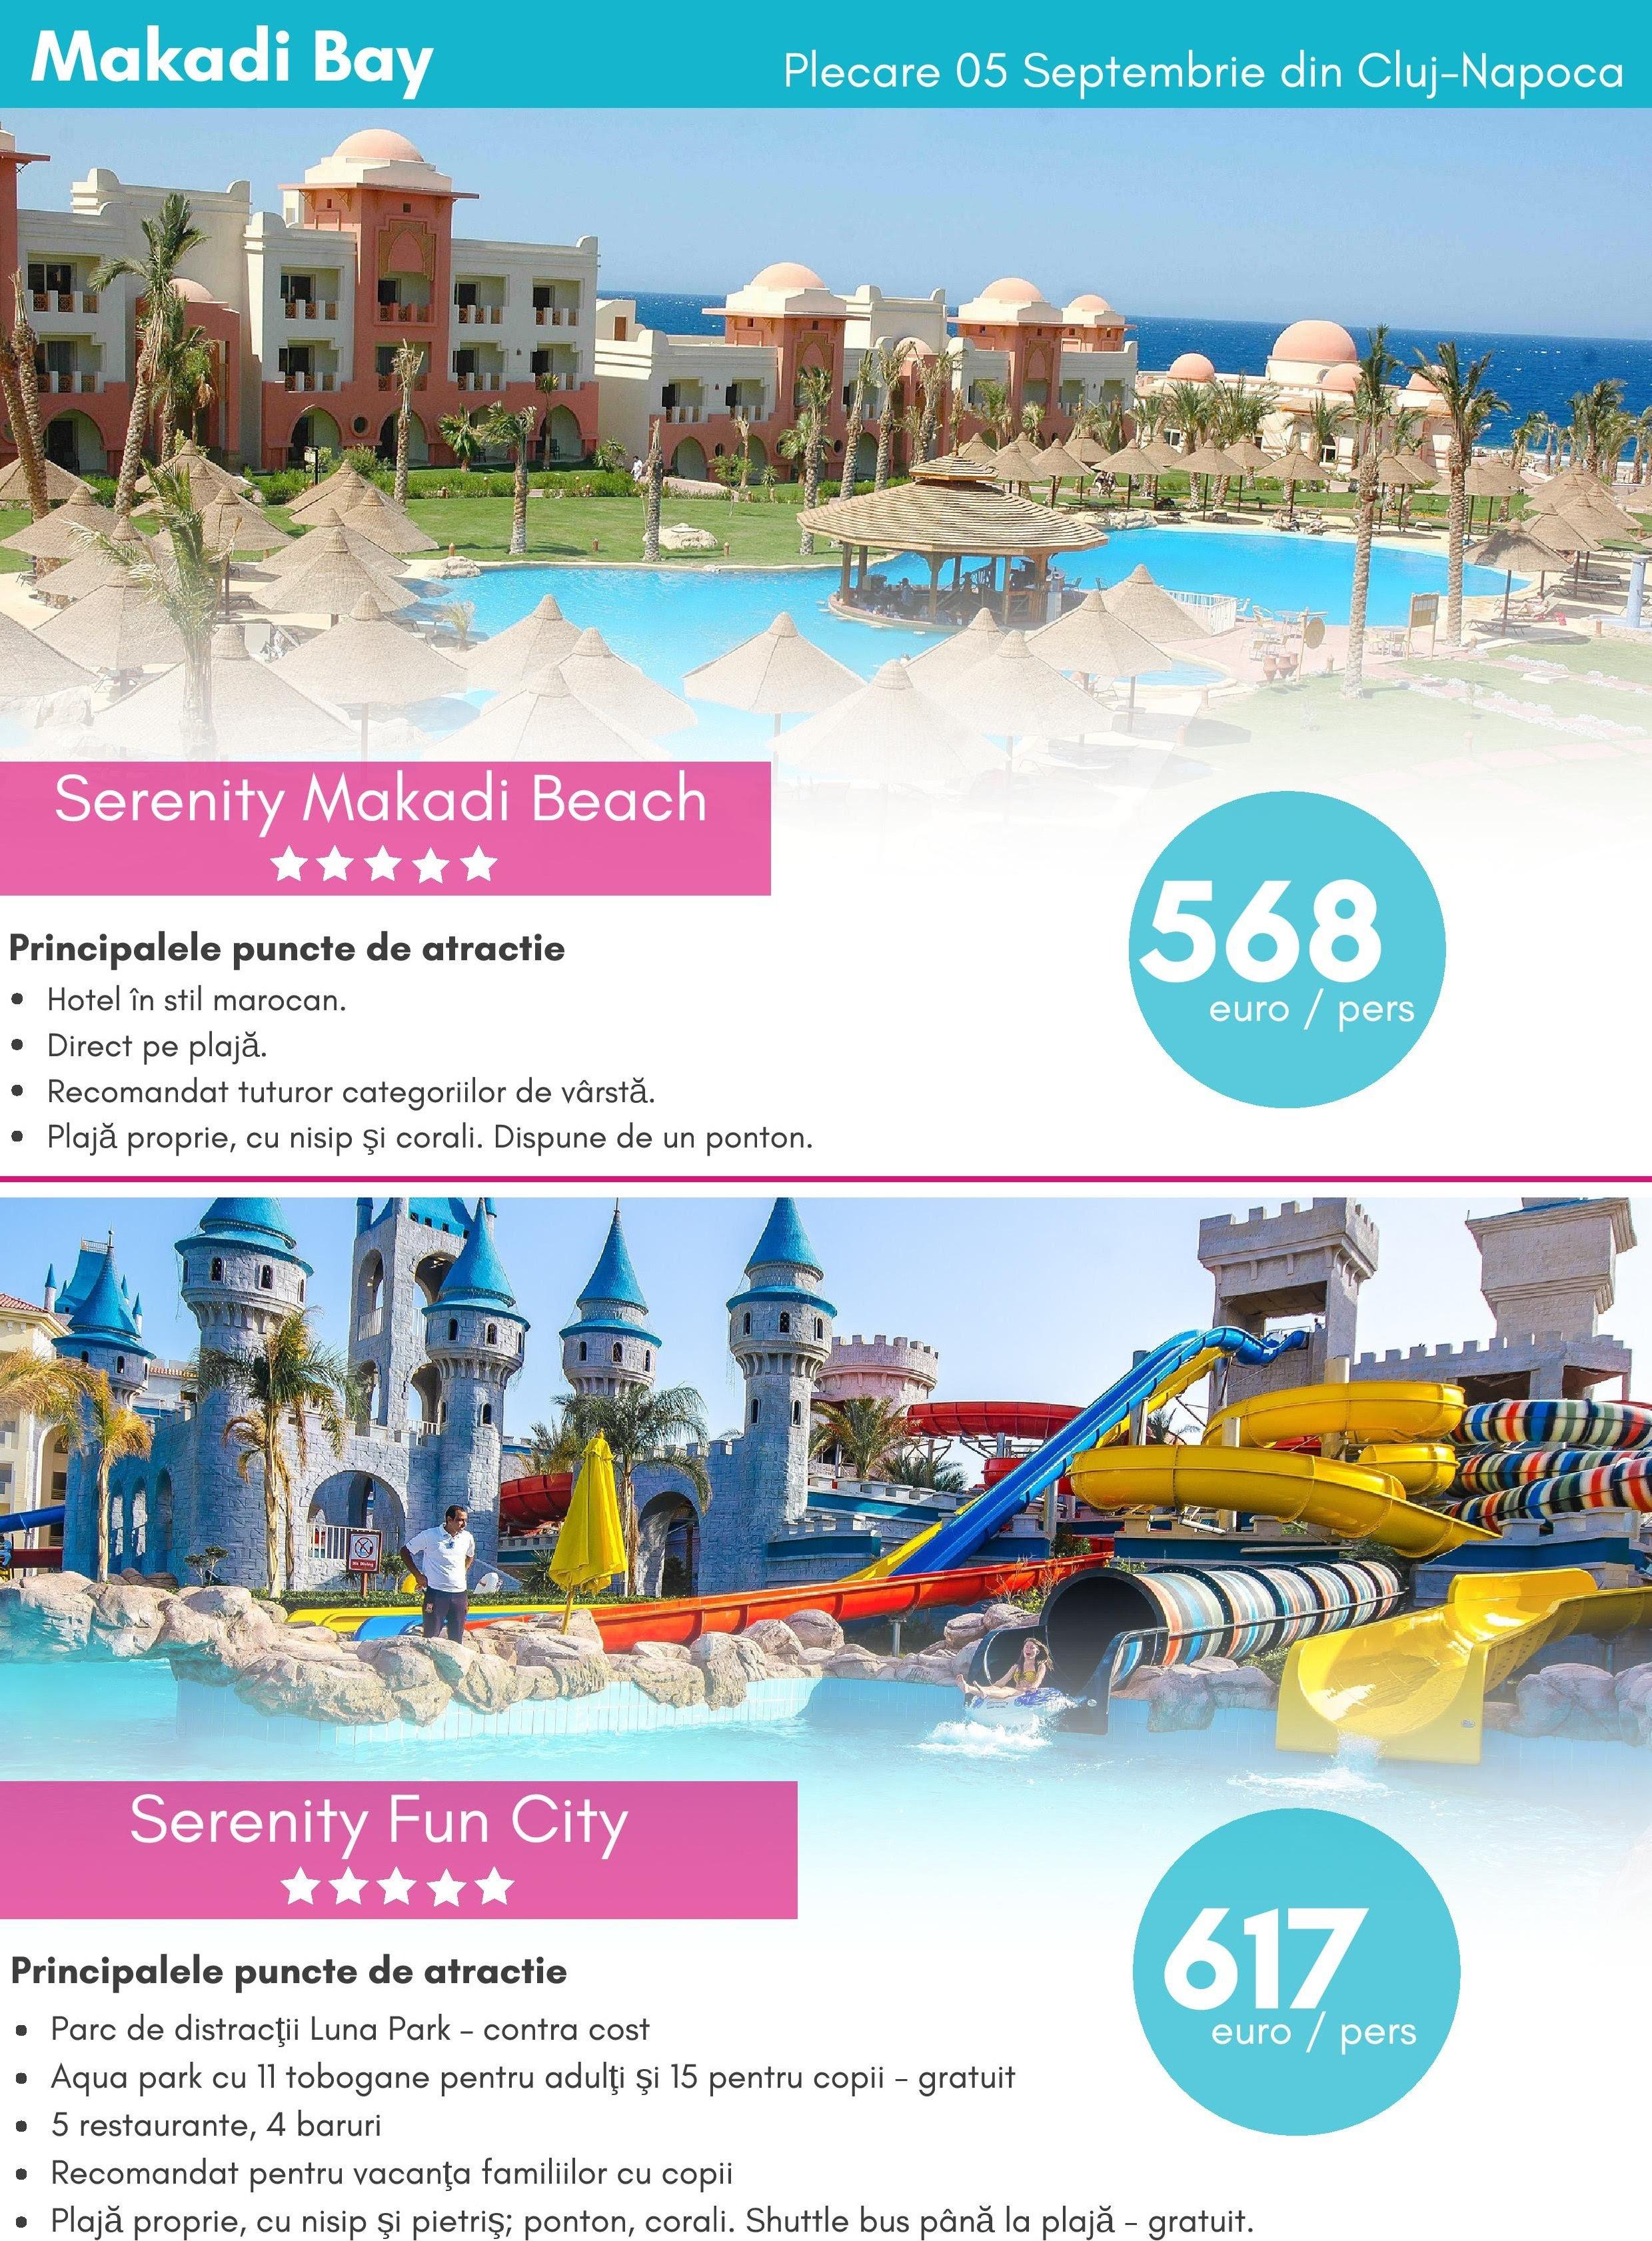 SERENITY Hotels 5* | Egipt-Makadi Bay | Oferte valabile pana in 30 Aprilie